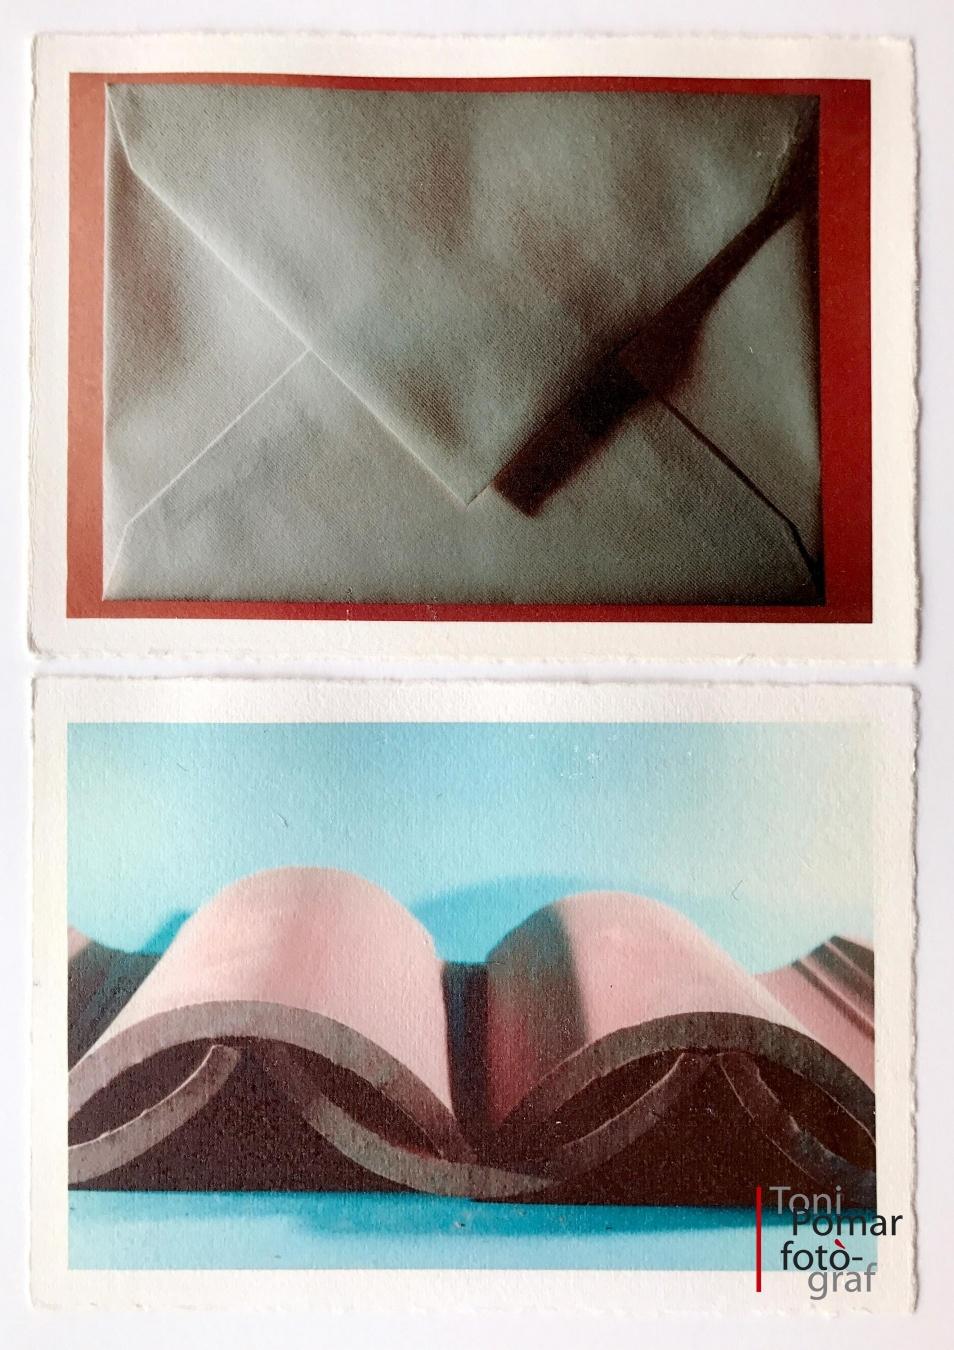 M - Sobre | m - Teules petites - Alfabet - Toni Pomar. Alfabet